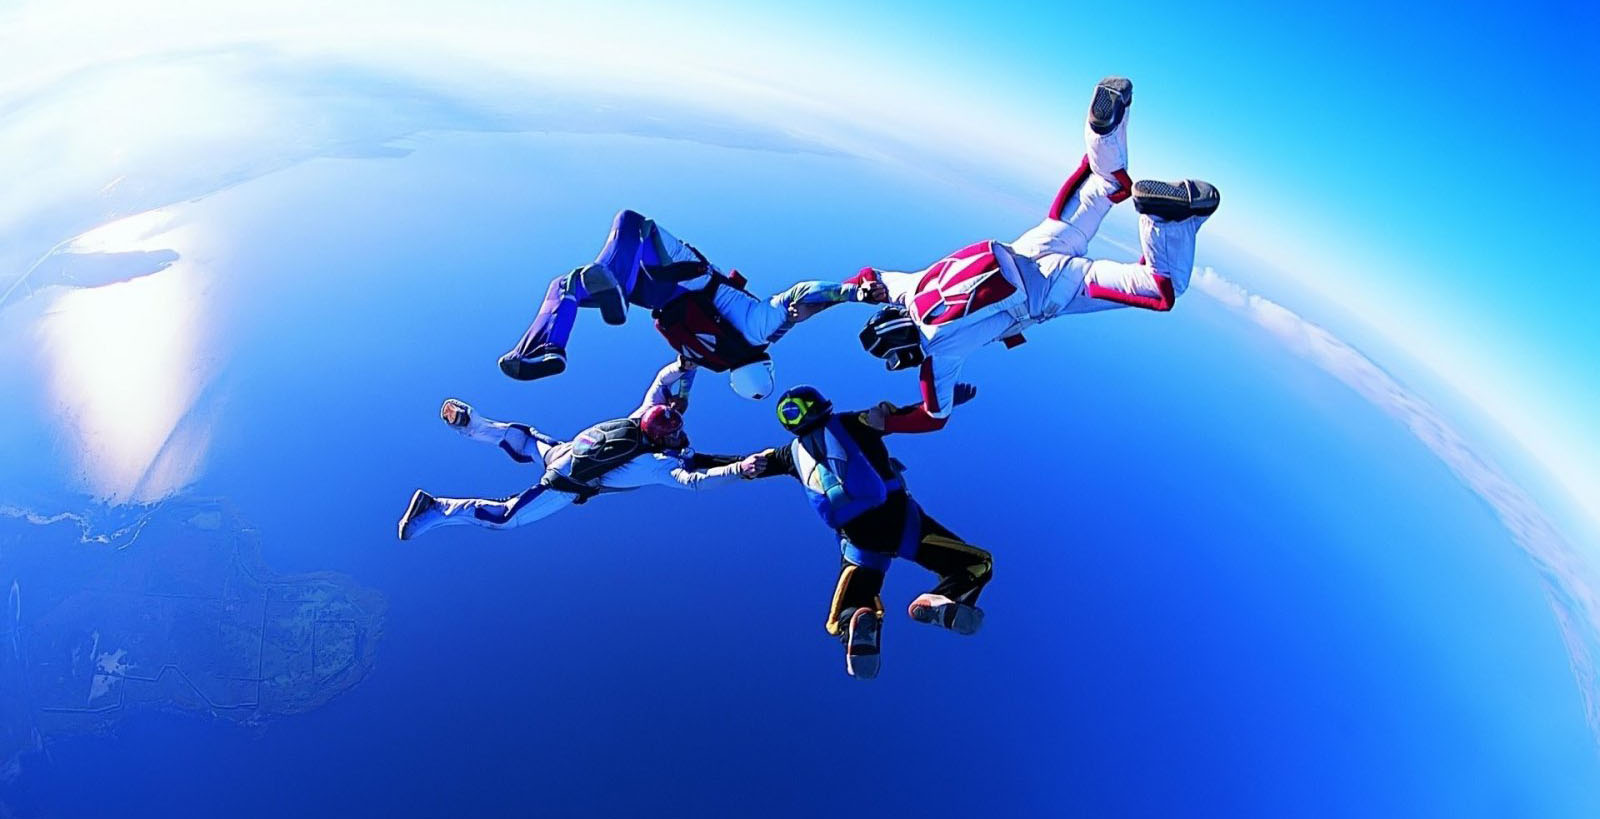 Hombres saltando al vacío